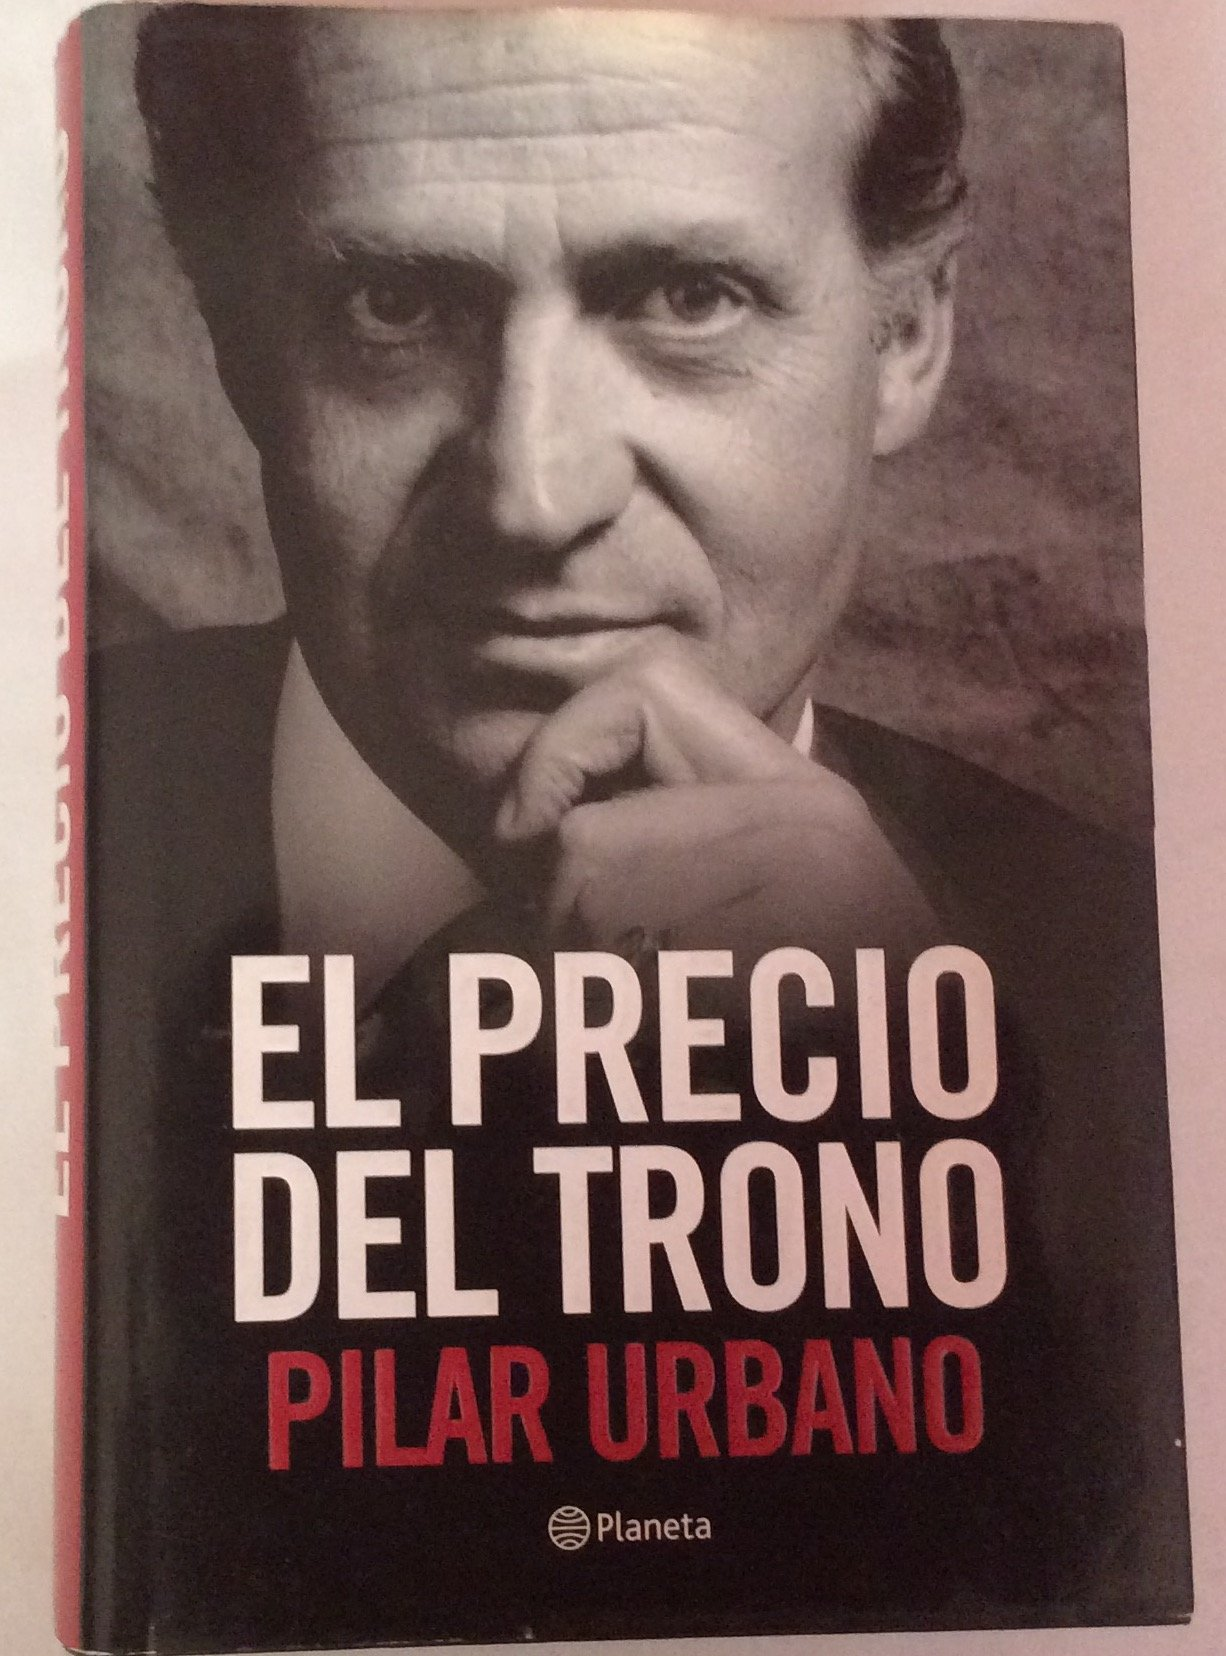 El precio del trono: Amazon.es: Pilar Urbano: Libros